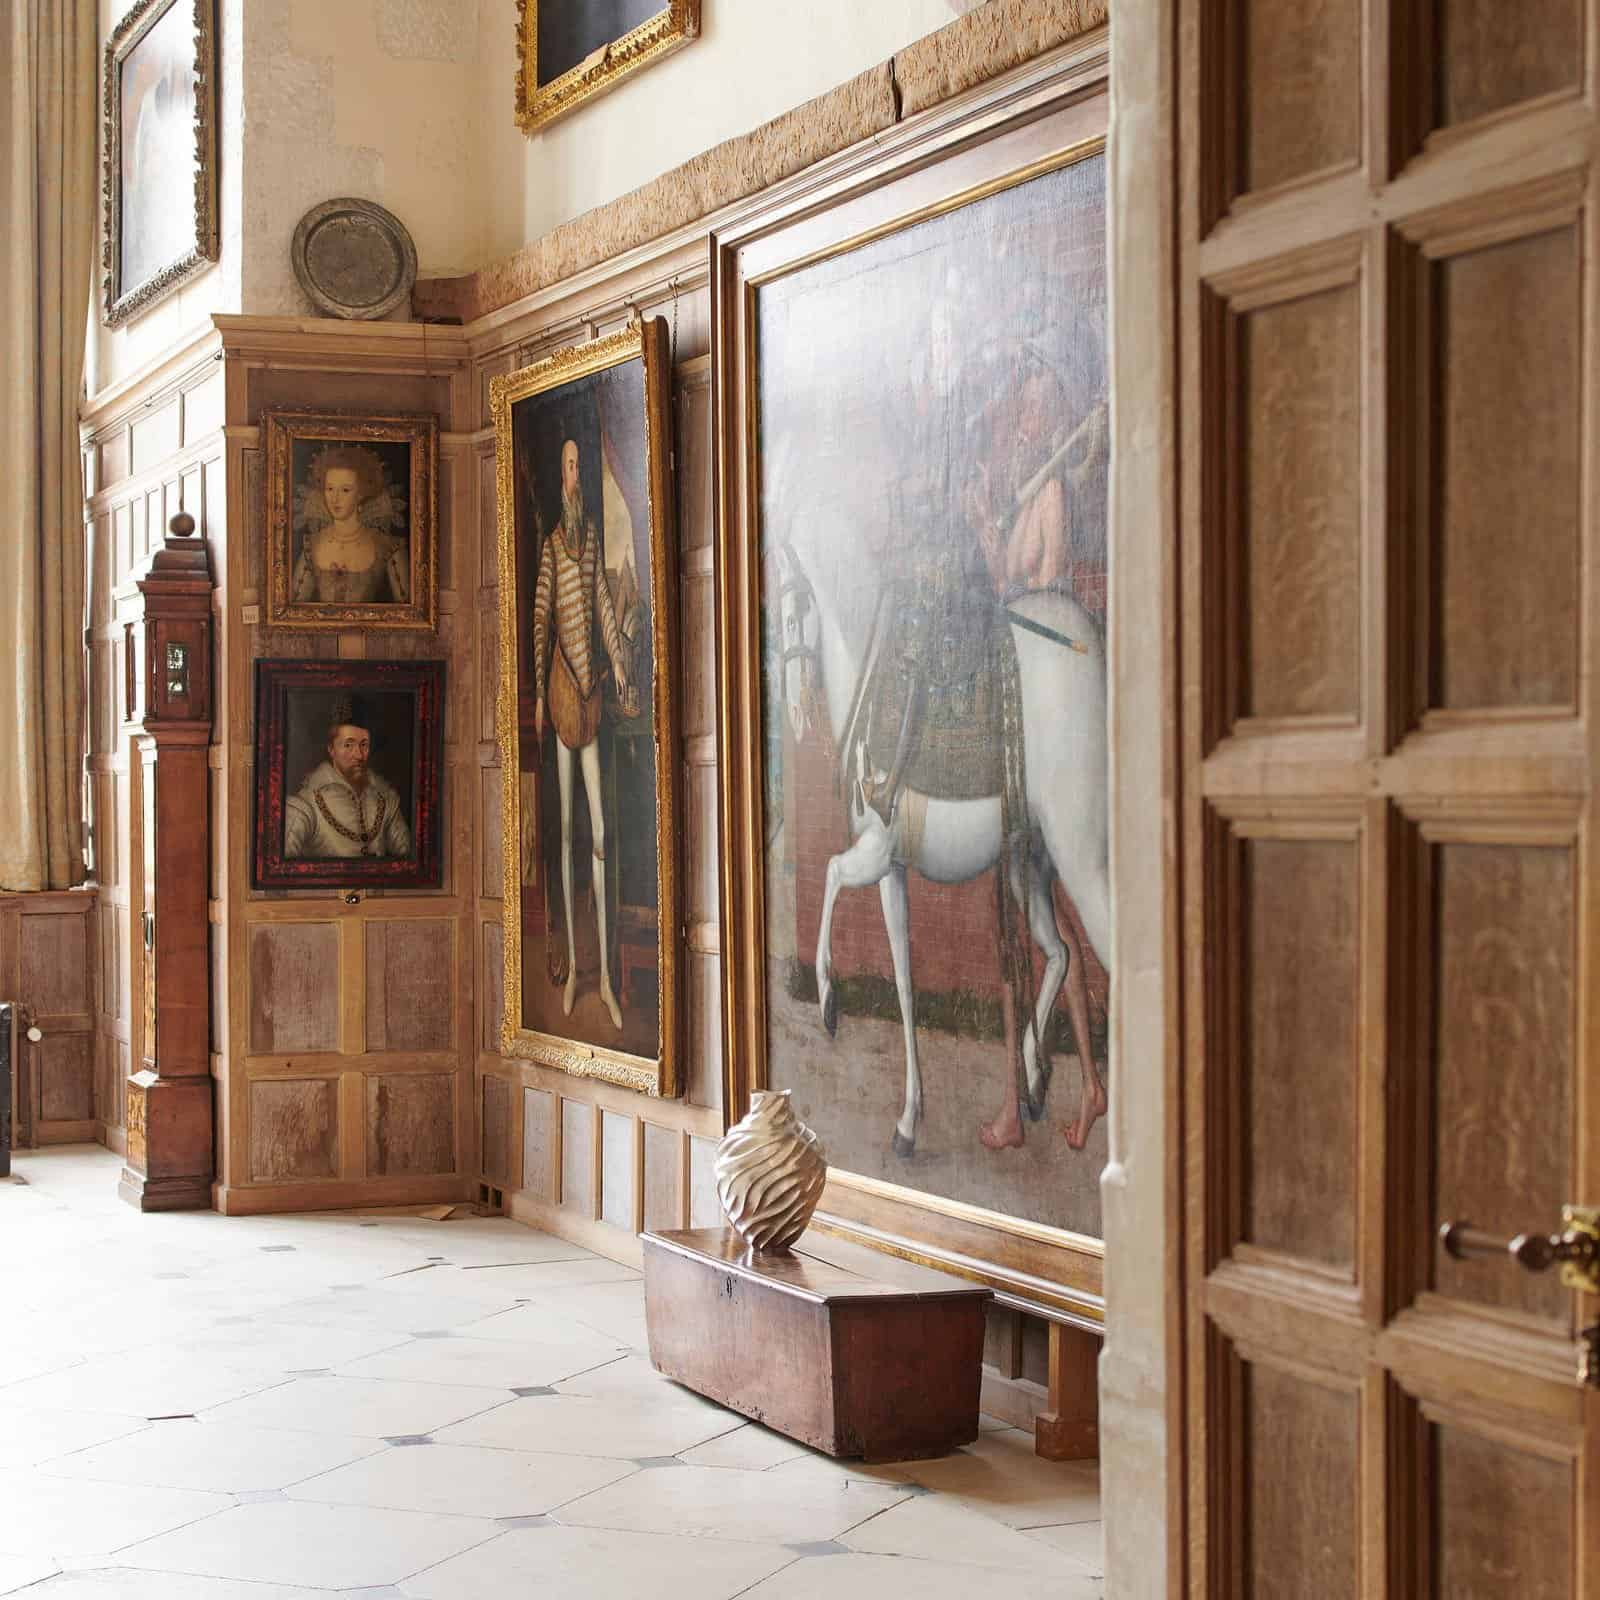 Adrian Sassoon Exhibition at Parham